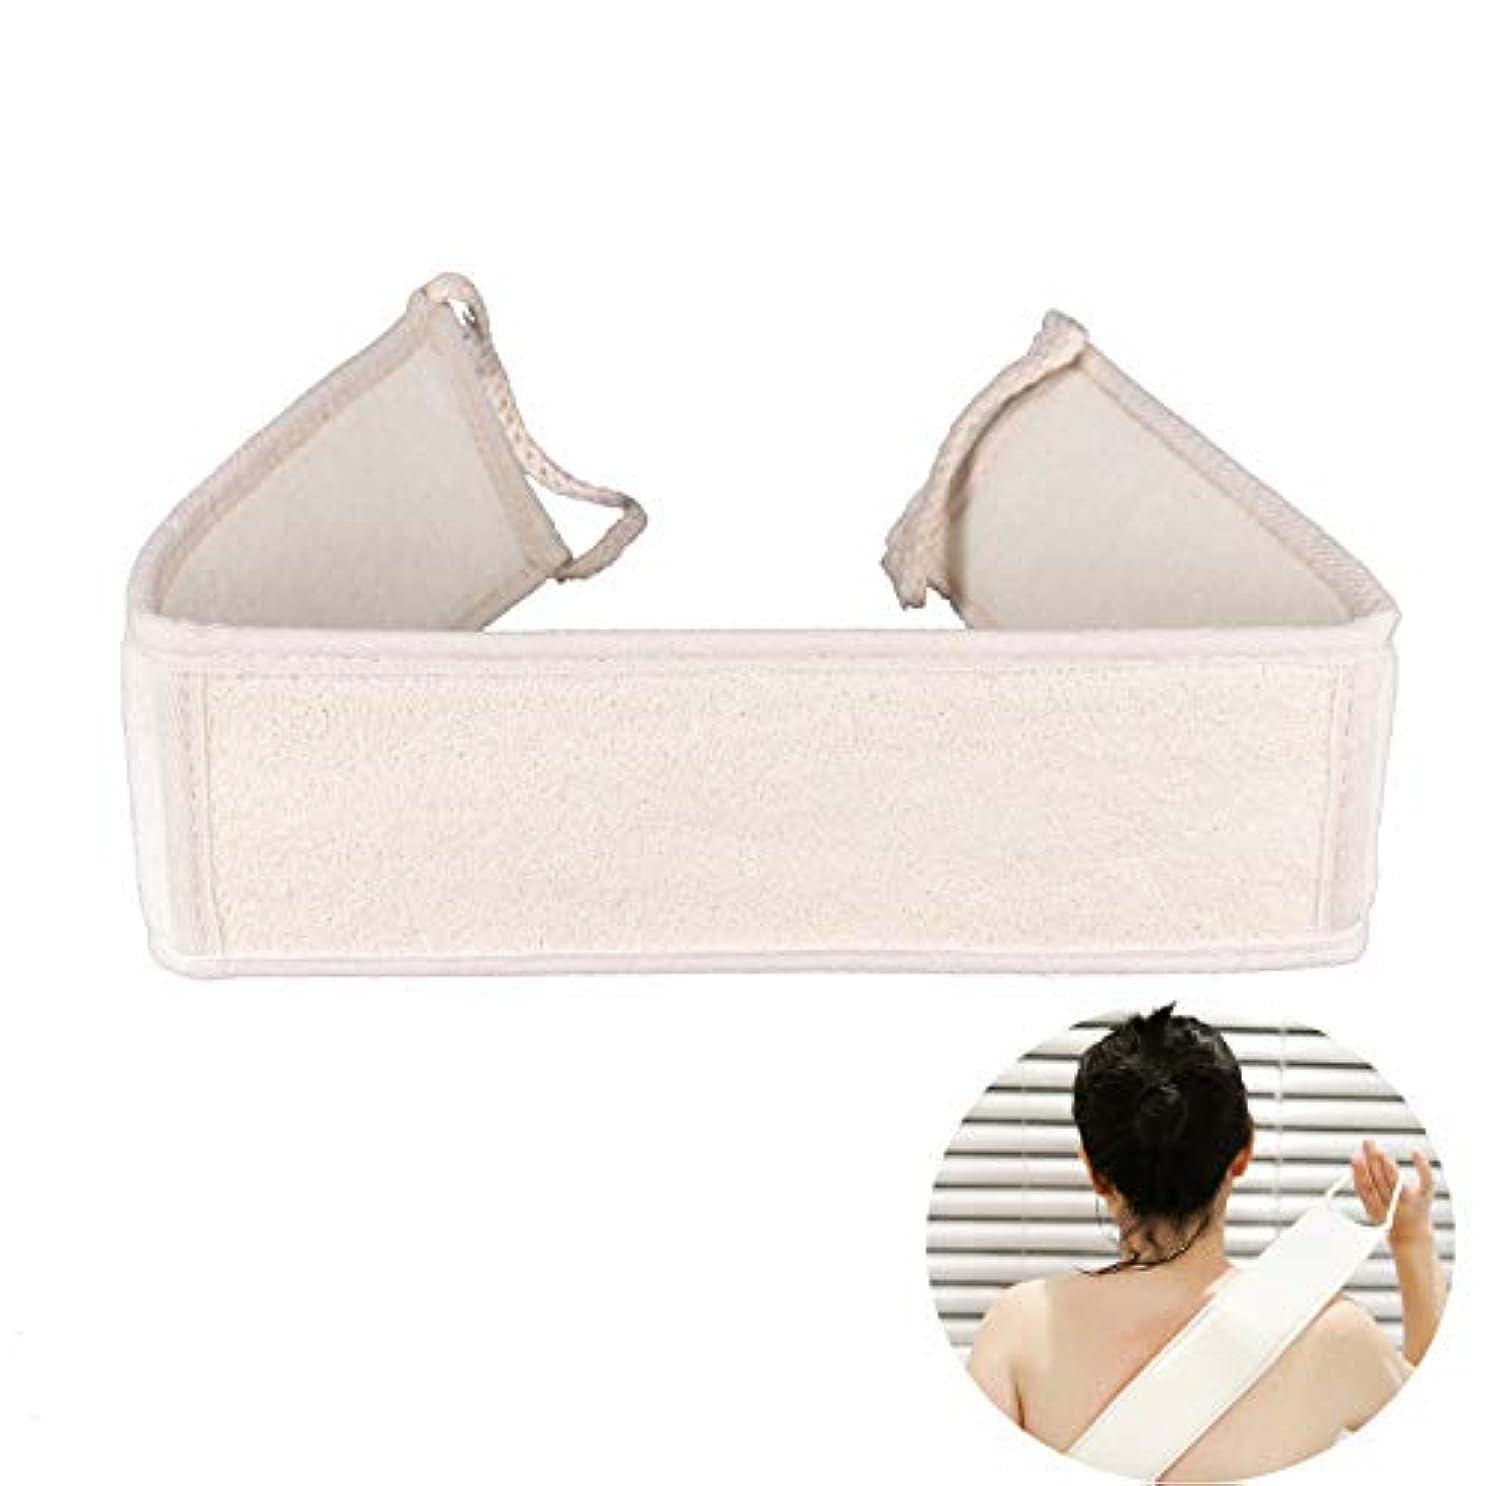 快適聴覚引き出すボディブラシ ロング 背中洗い ナチュラルエクスフォリエーションルーファバックシャワースクラバー、ディープクリーン&エクスフォリエーション、肌の爽快感、健康と美容に良い